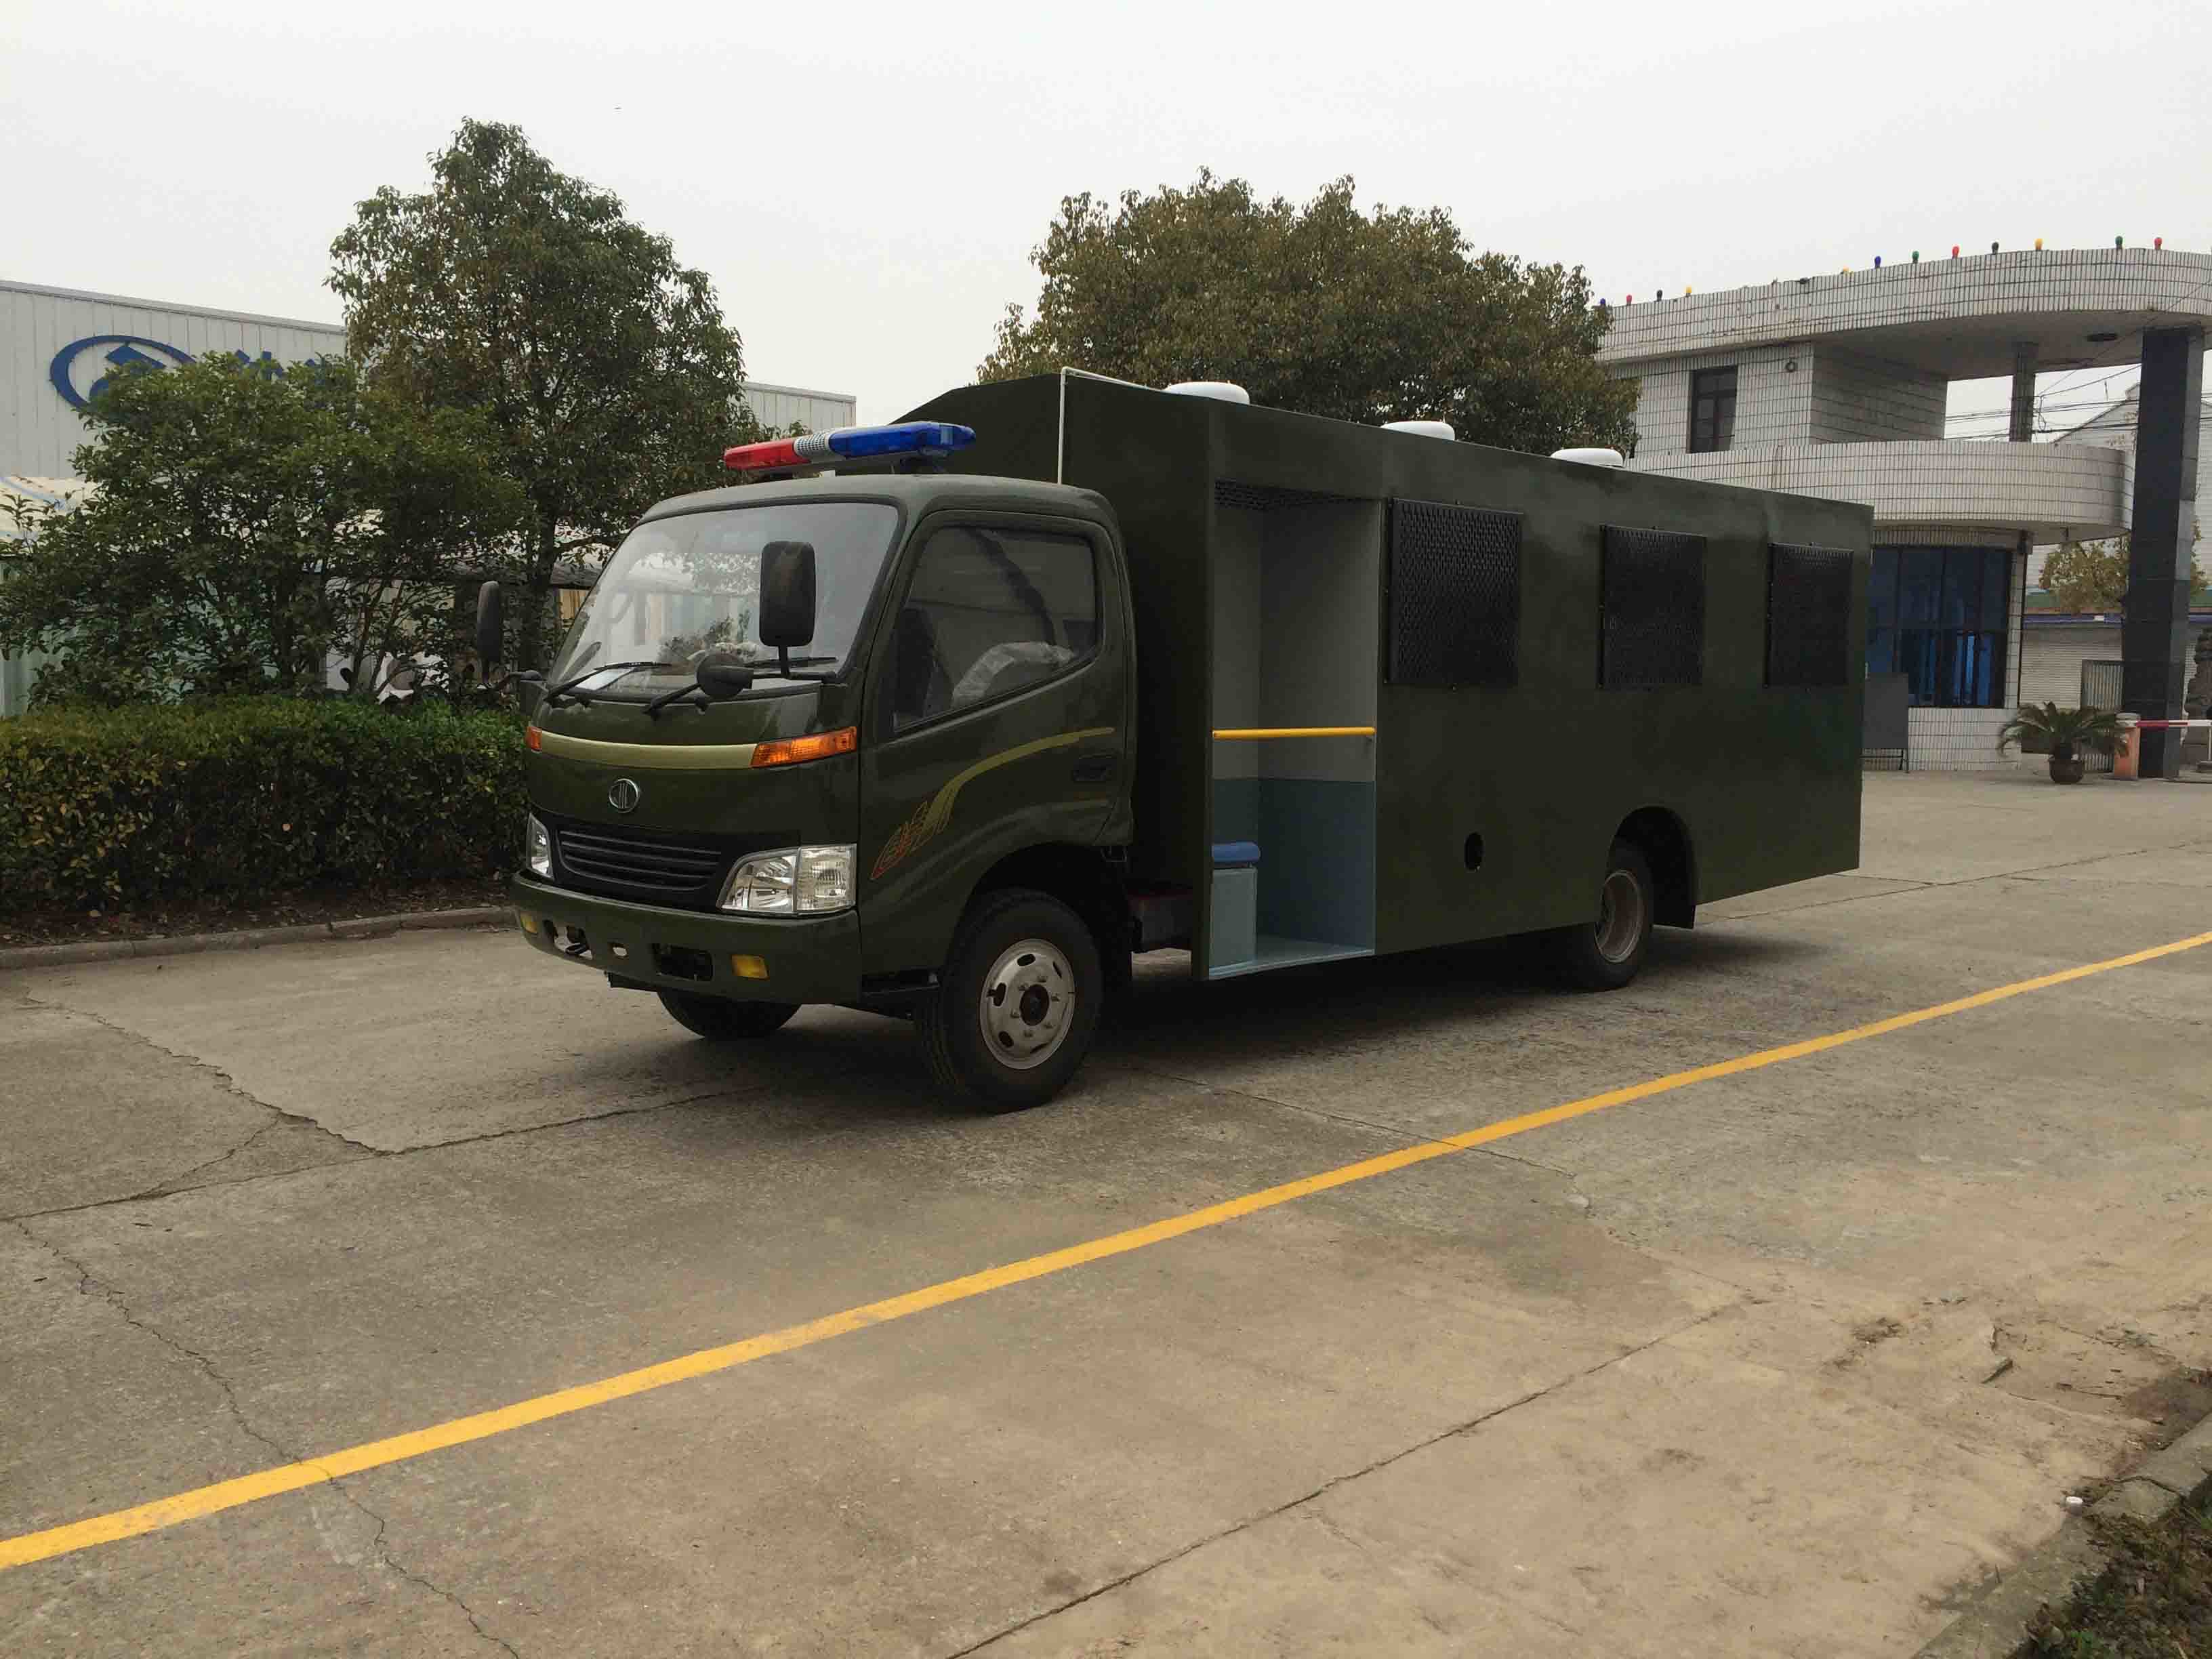 Prisoner Truck